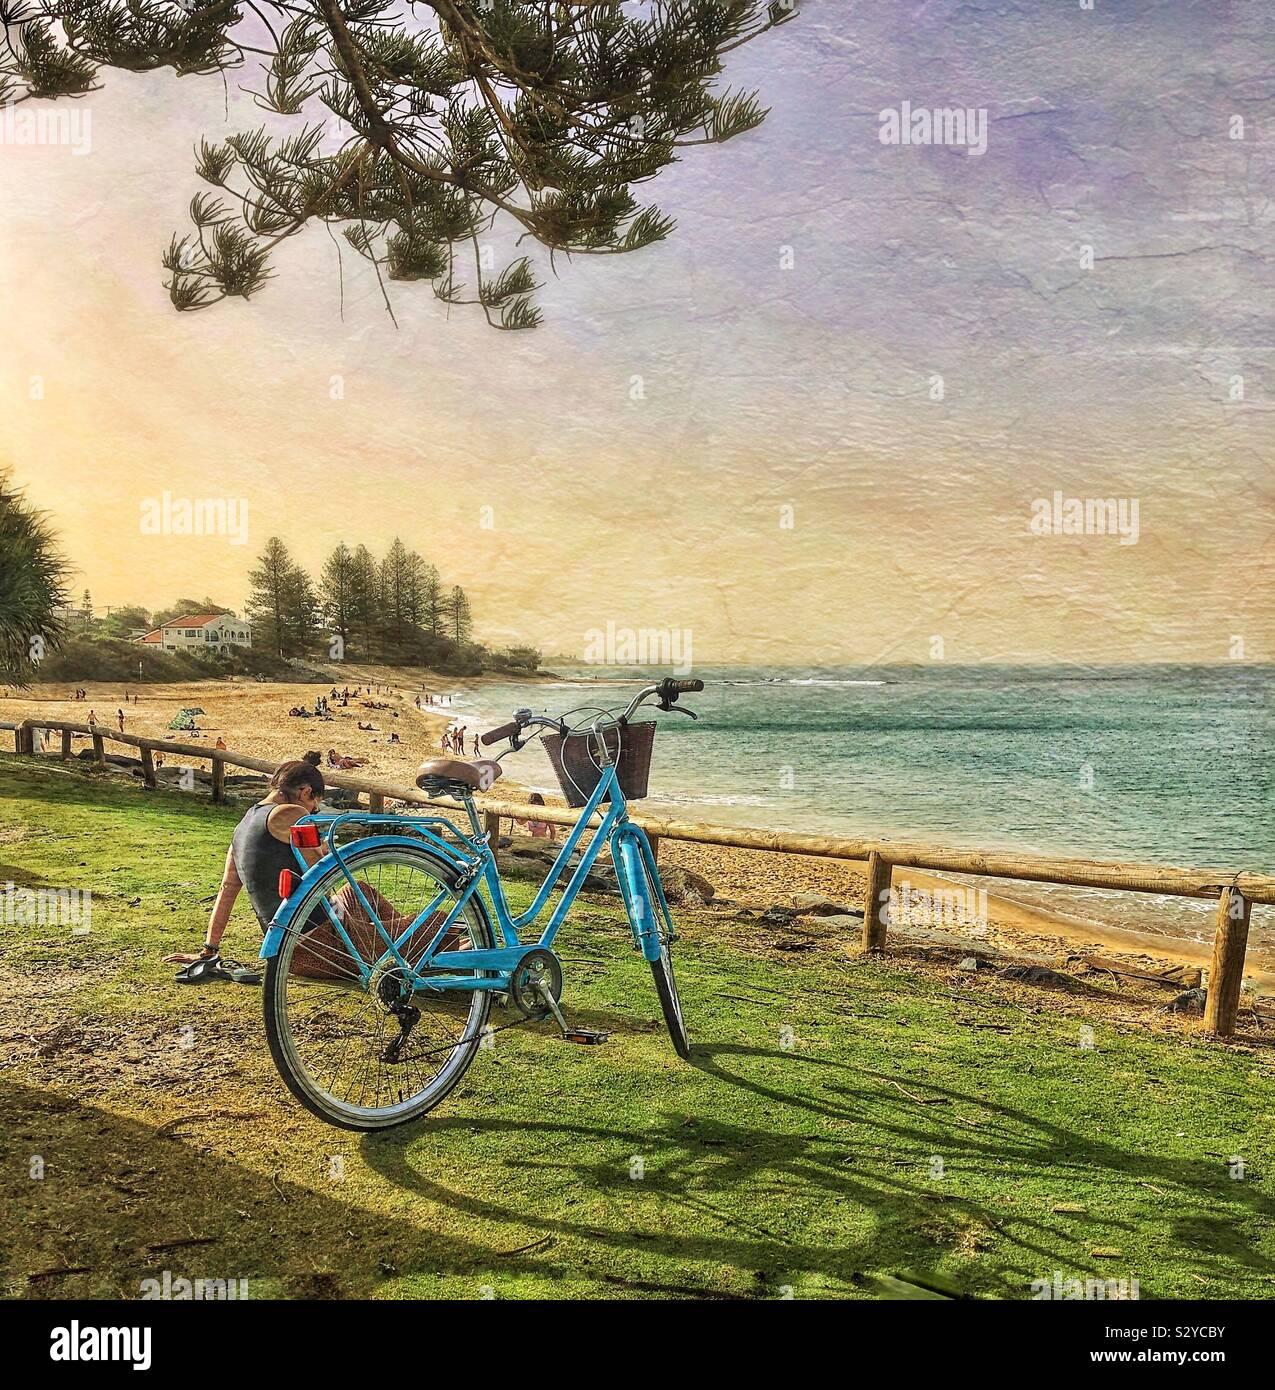 Relajación el estilo de vida australiano Foto de stock